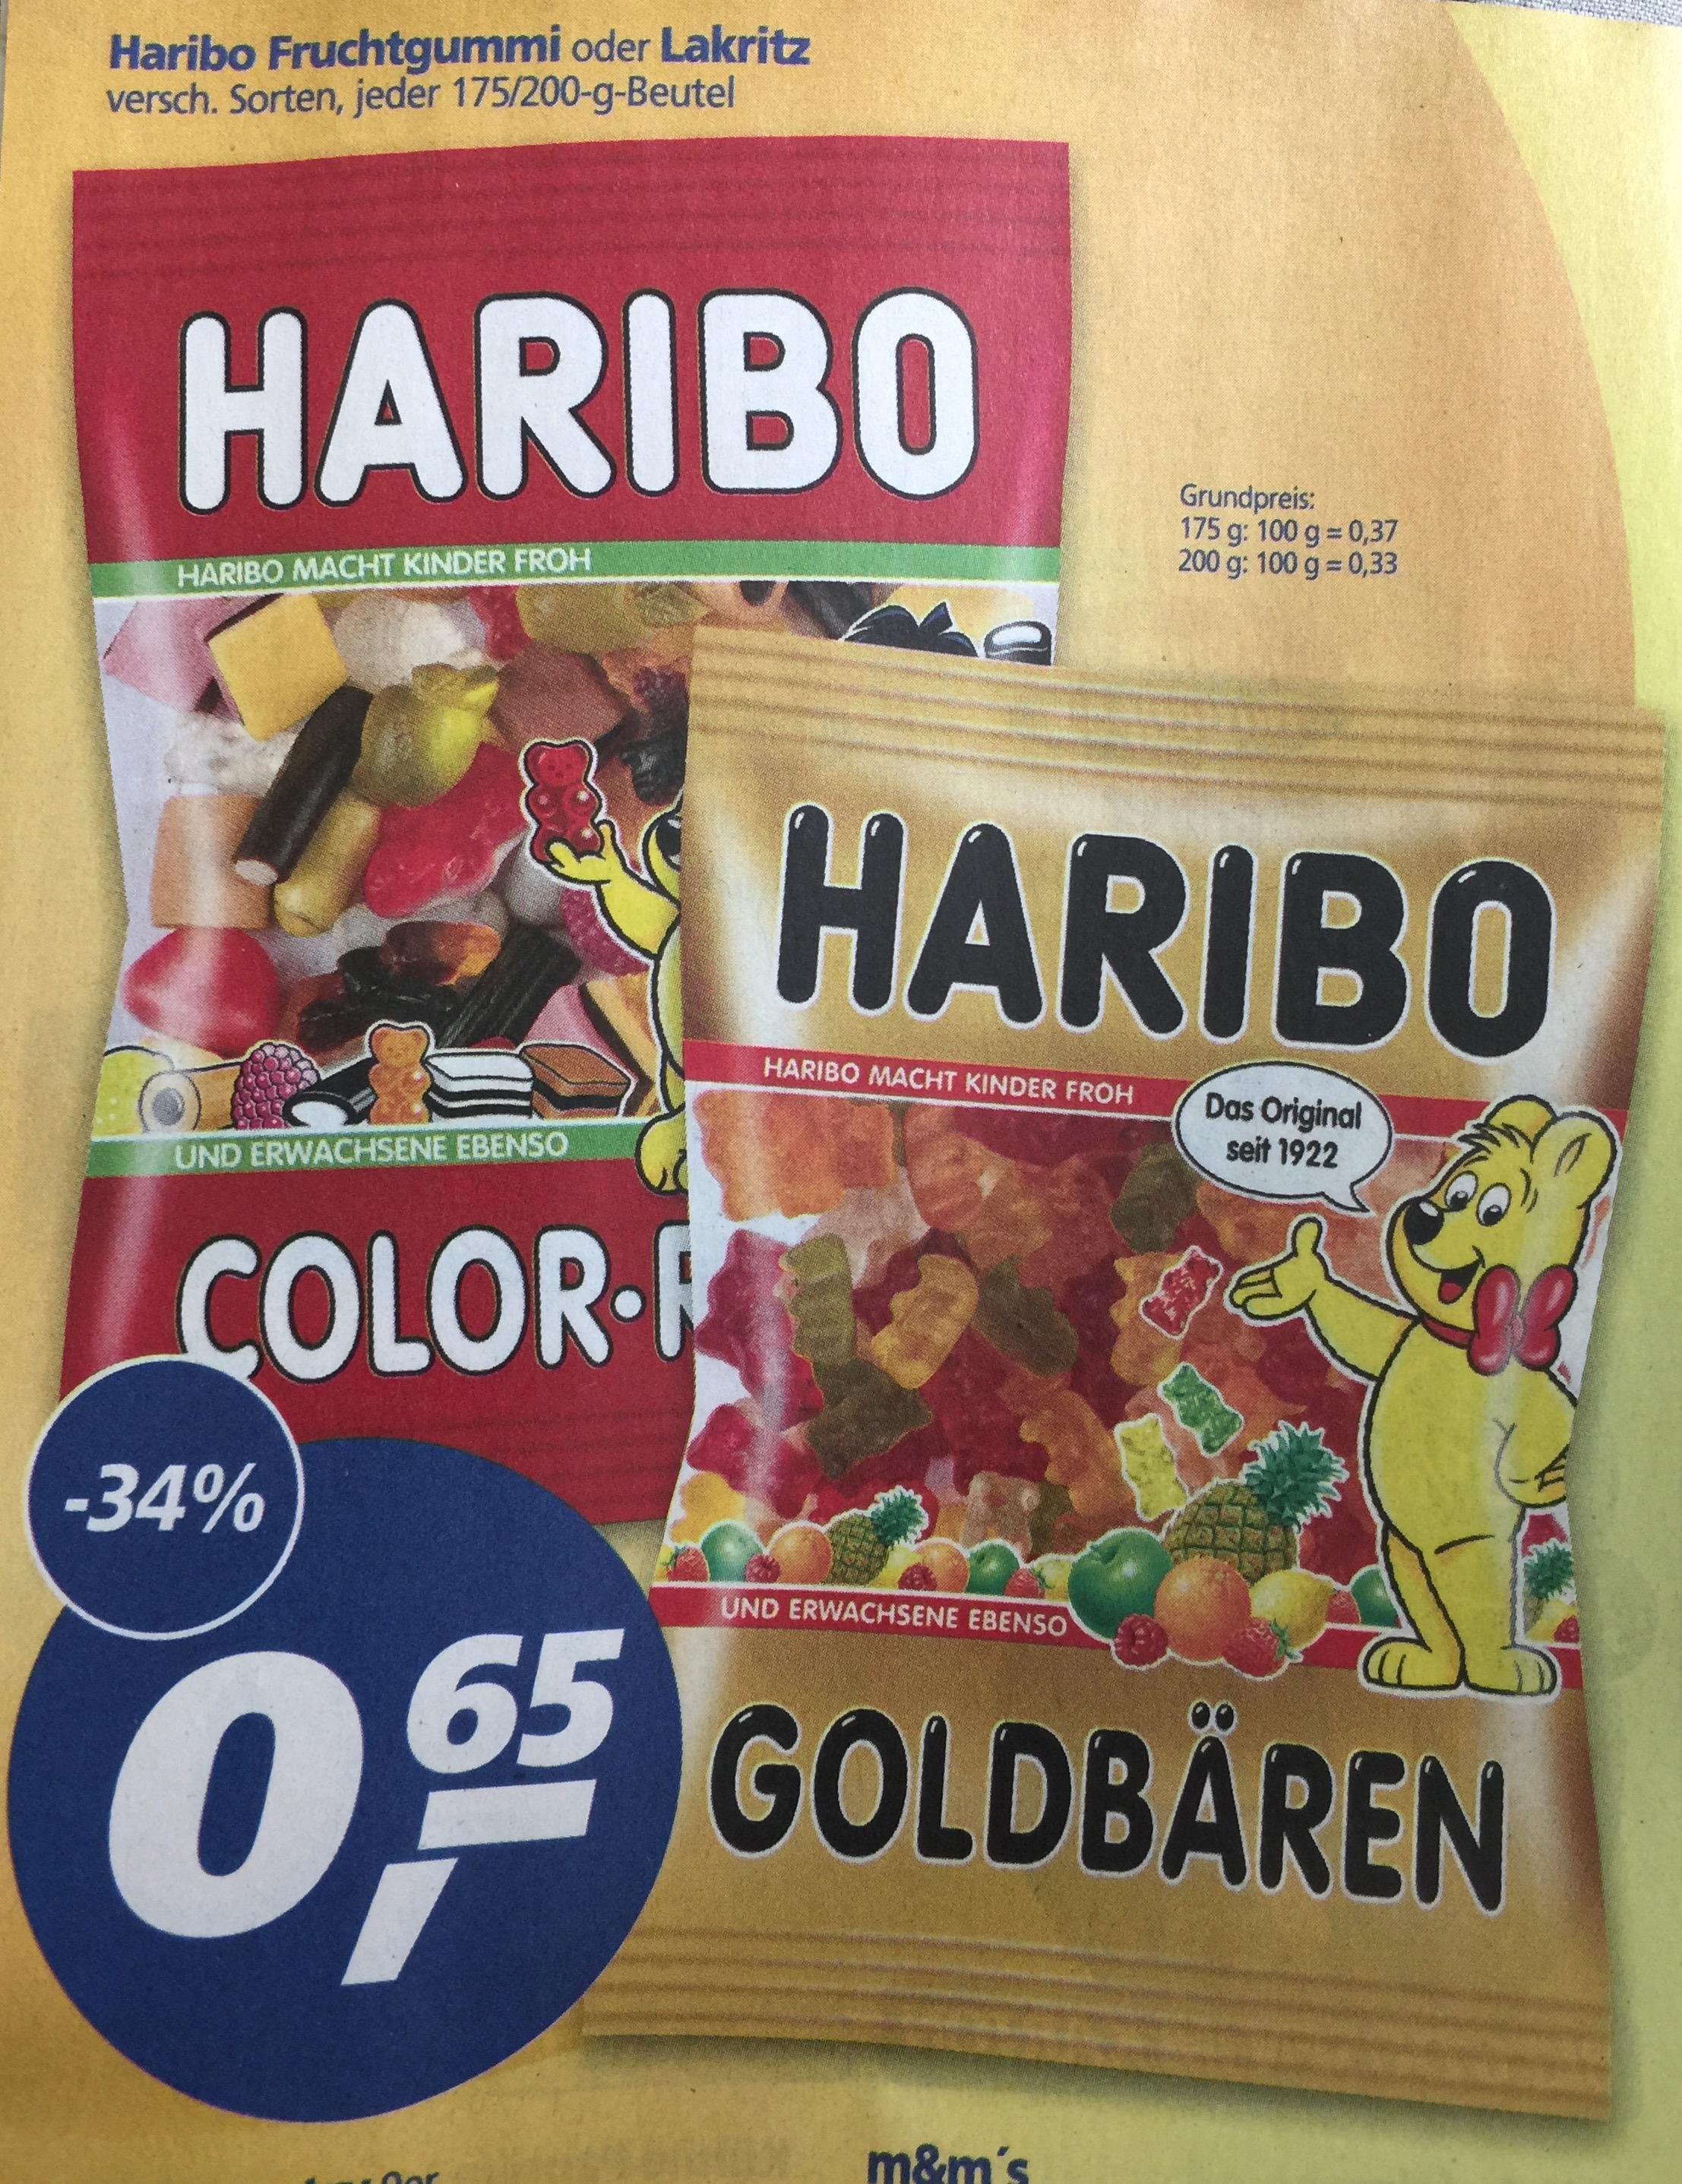 Haribo verschiedene Sorten Fruchtgummi für 0,65€ [Real]